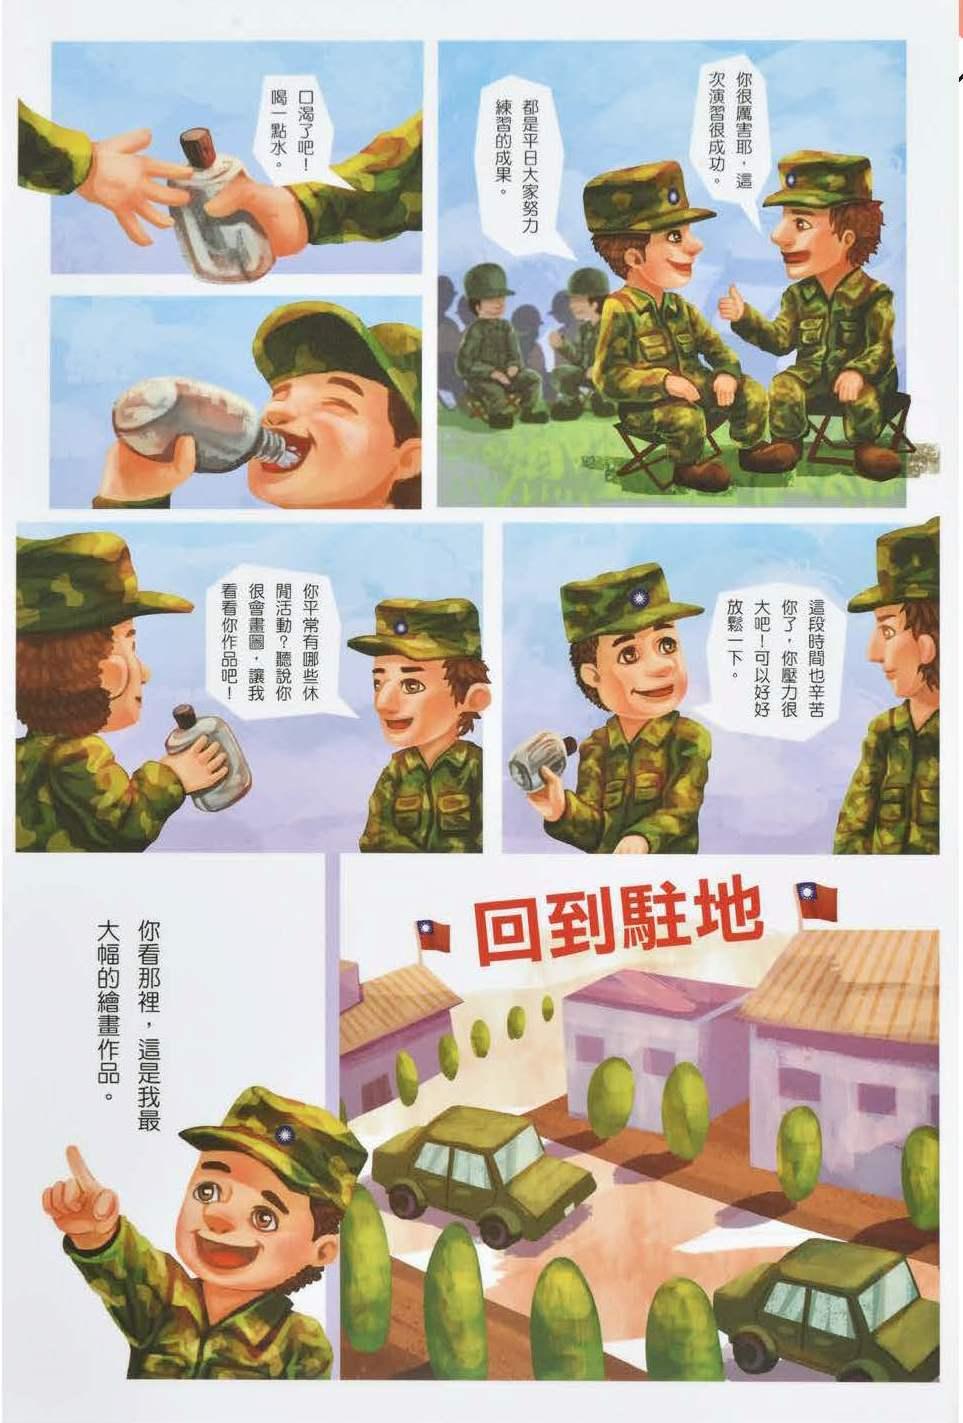 50屆漫畫類優選_戰藝相傳9_陳彥鈞.jpg